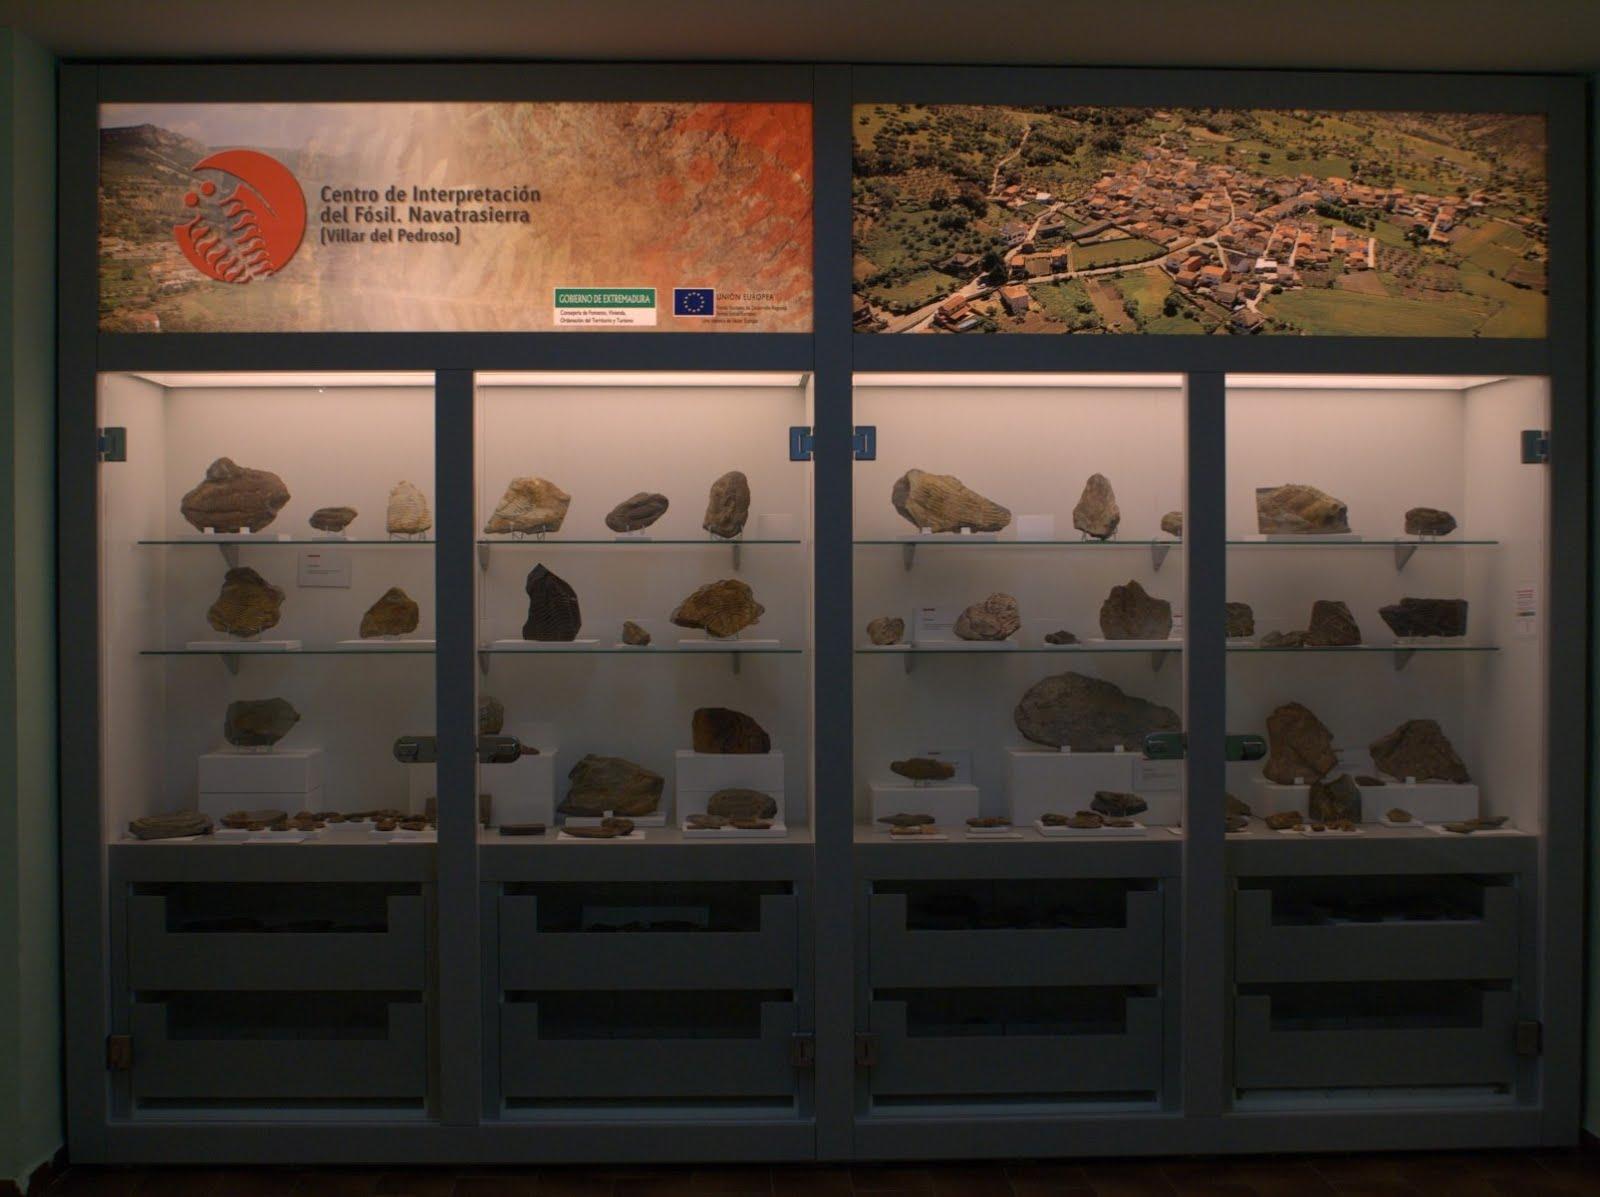 Centro de Interpretación de los fósiles de Navatrasierra